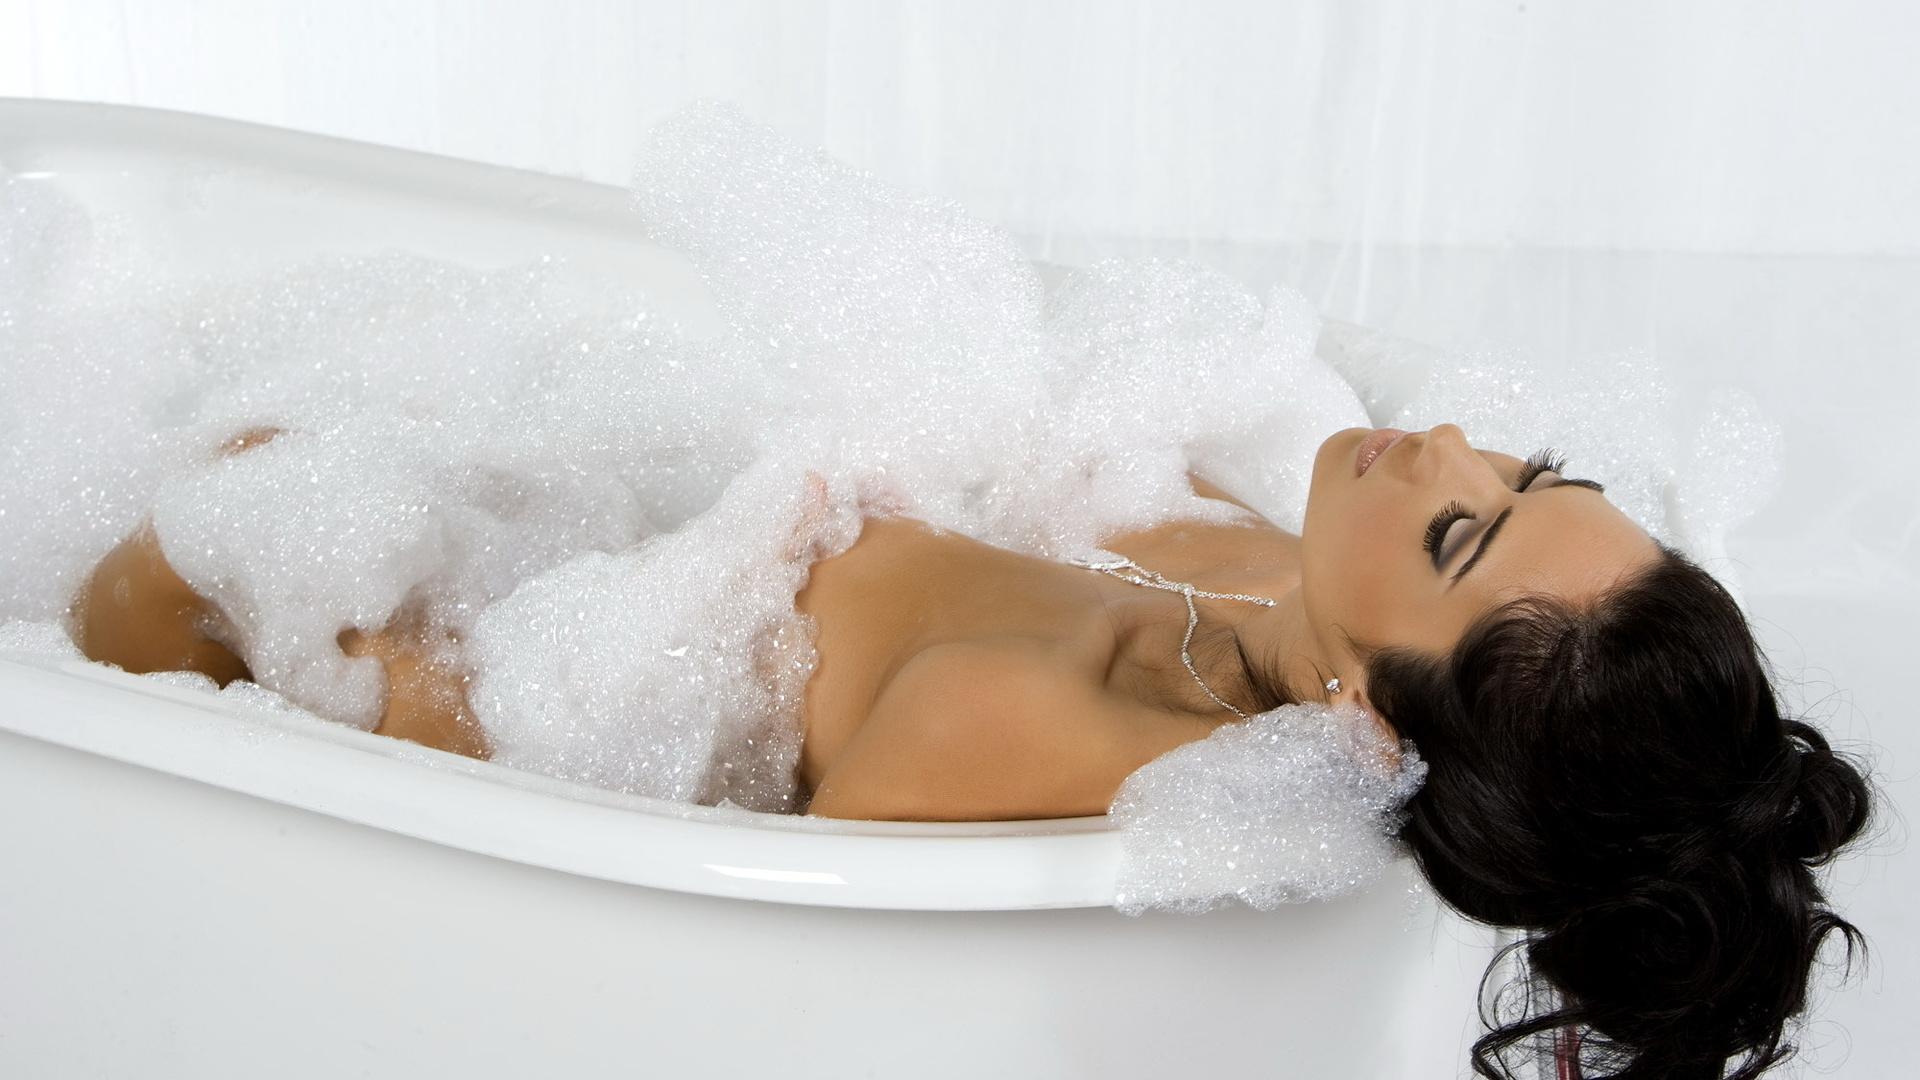 шикарная брюнетка в ванной новообращенным католикам